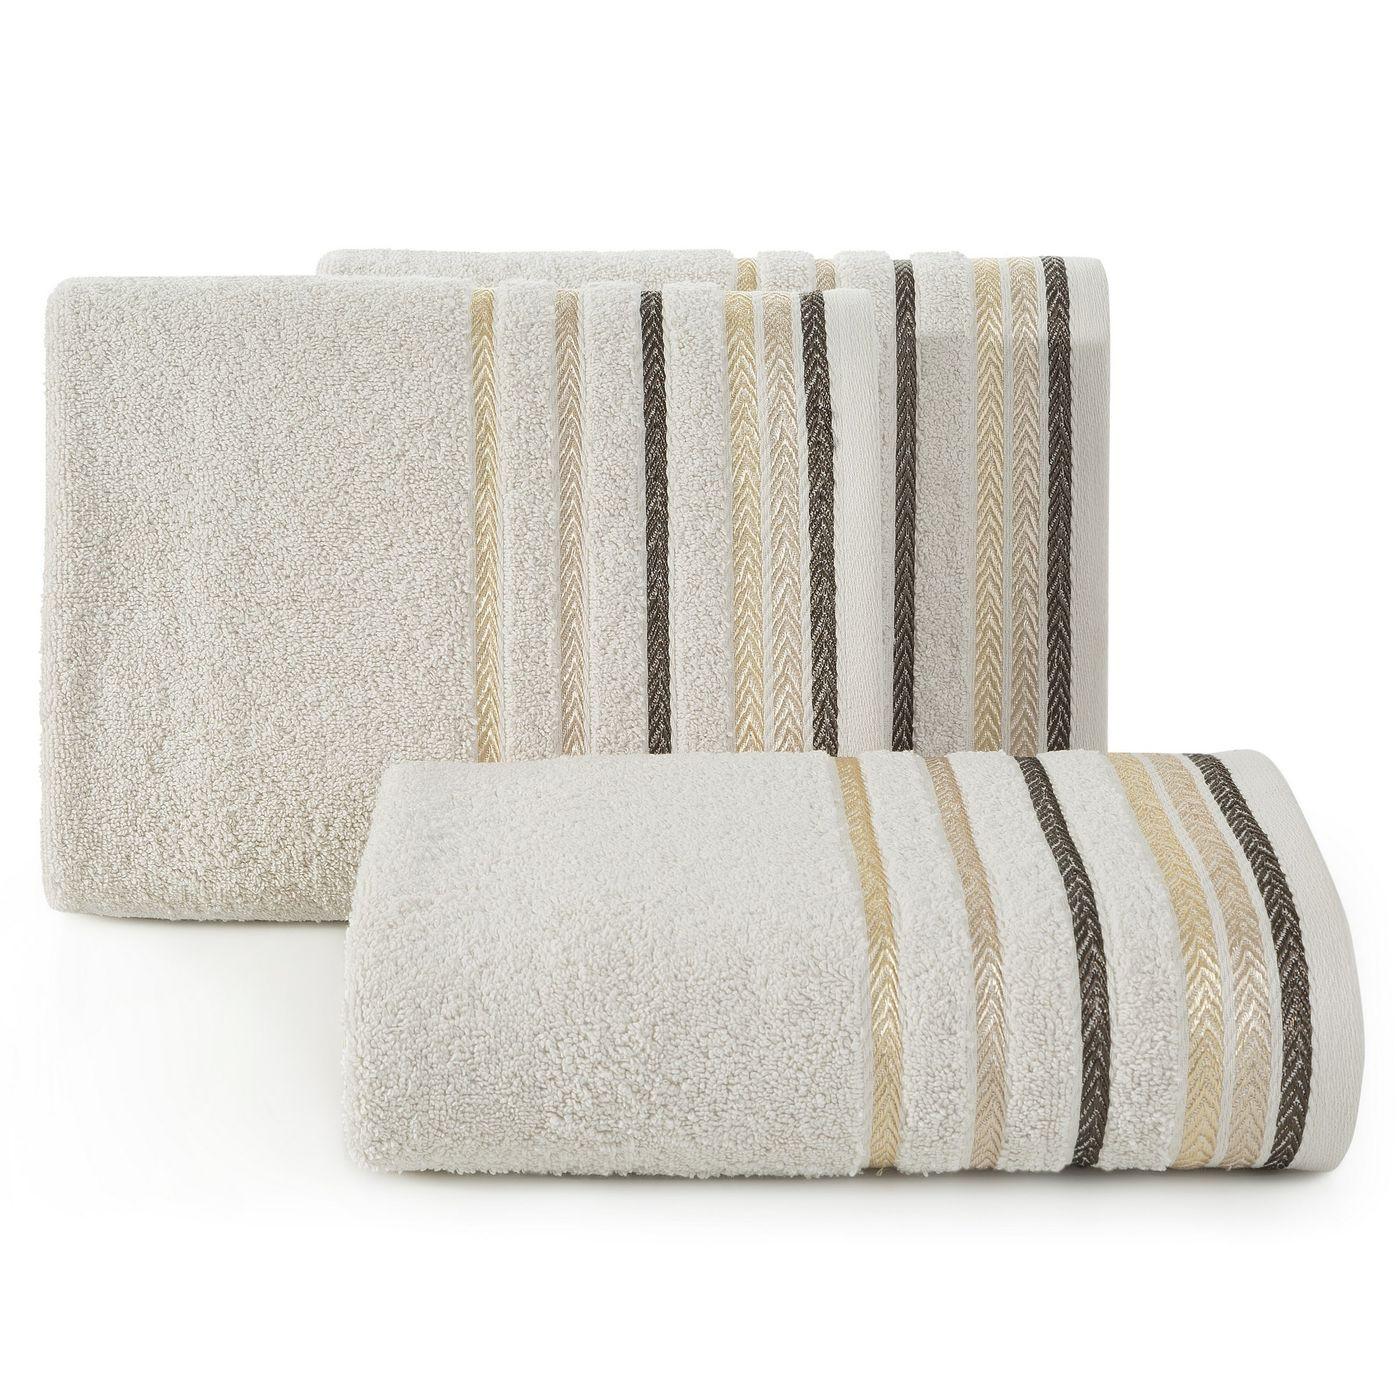 Ręcznik z bawełny z kolorowymi paskami w jodełkę 70x140cm beżowy